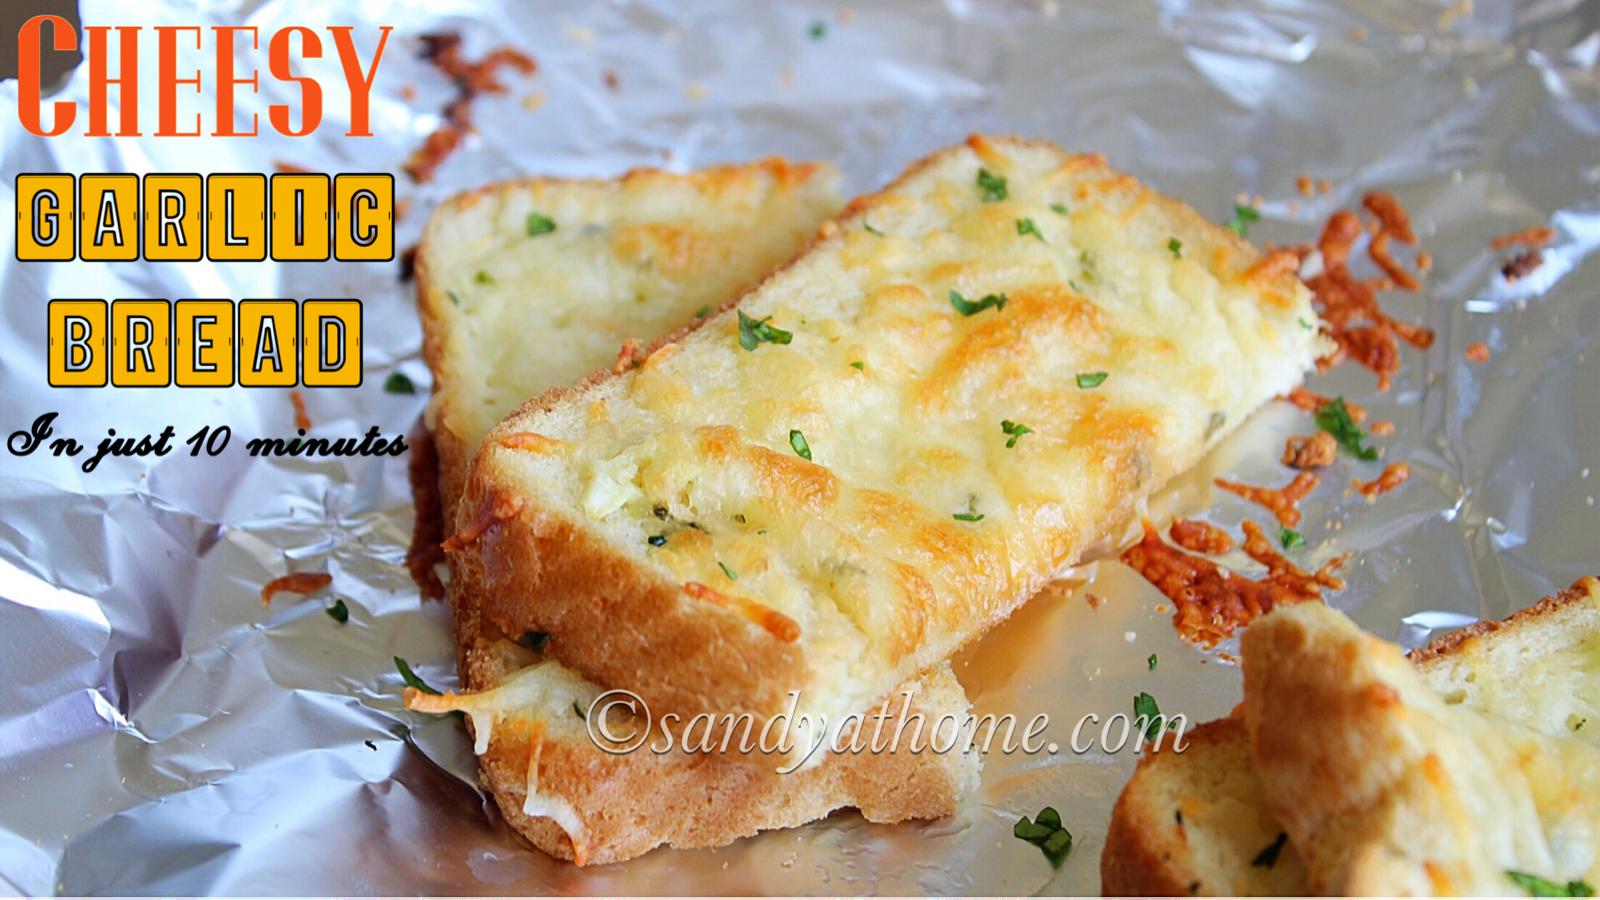 Instant Cheesy Garlic Bread Cheese Garlic Bread Are Super Easy And Super Delicious Recipe With Flavors Of Cheesy Garlic Bread Garlic Cheese Bread Garlic Bread